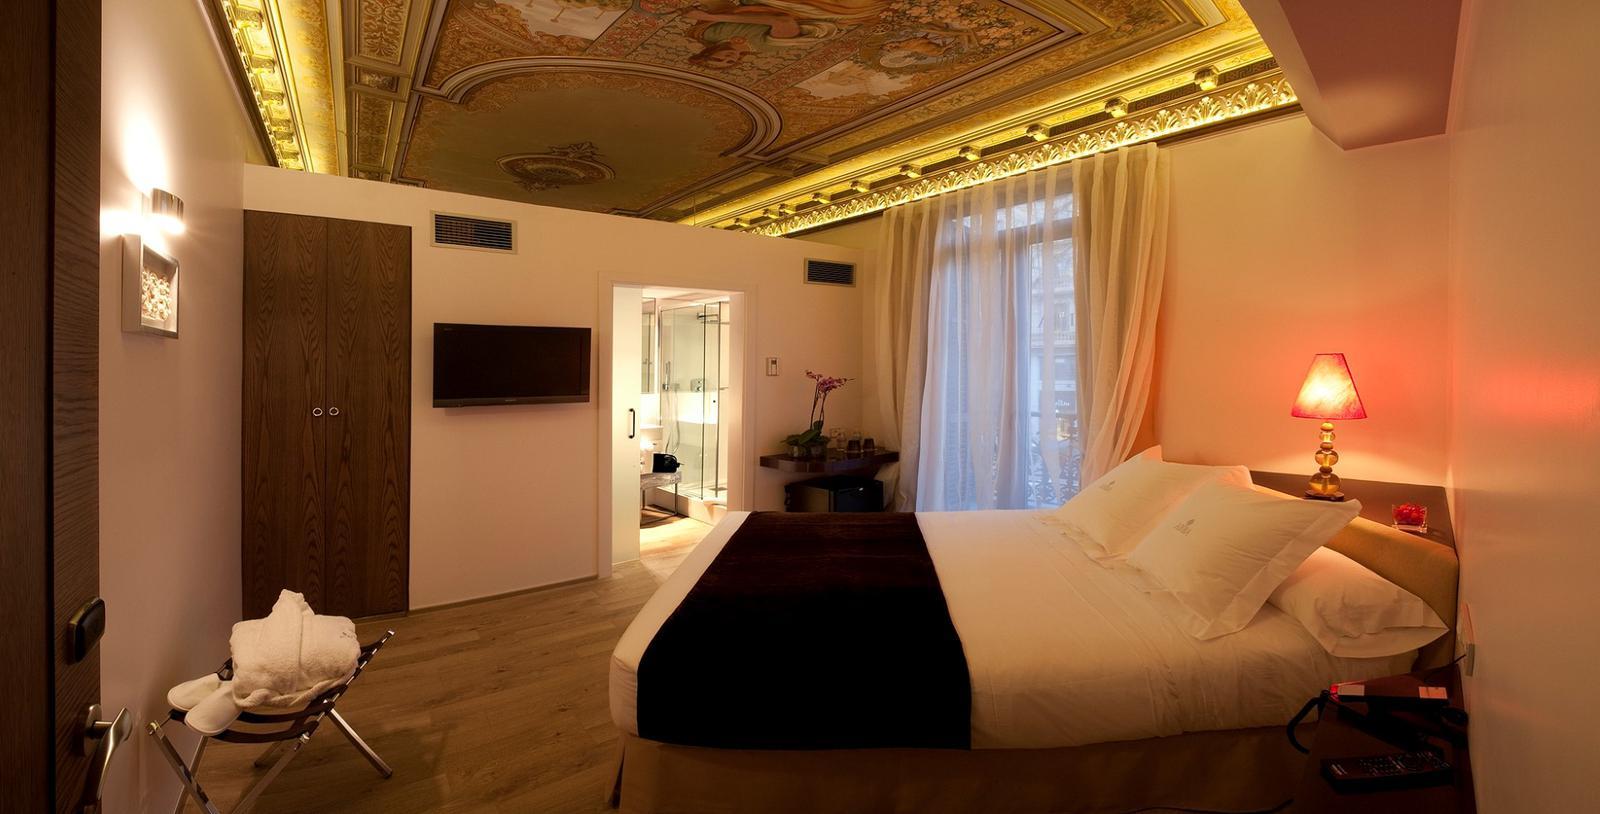 6 hoteles en espa a para s lo adultos for Hoteles con habitaciones comunicadas en madrid